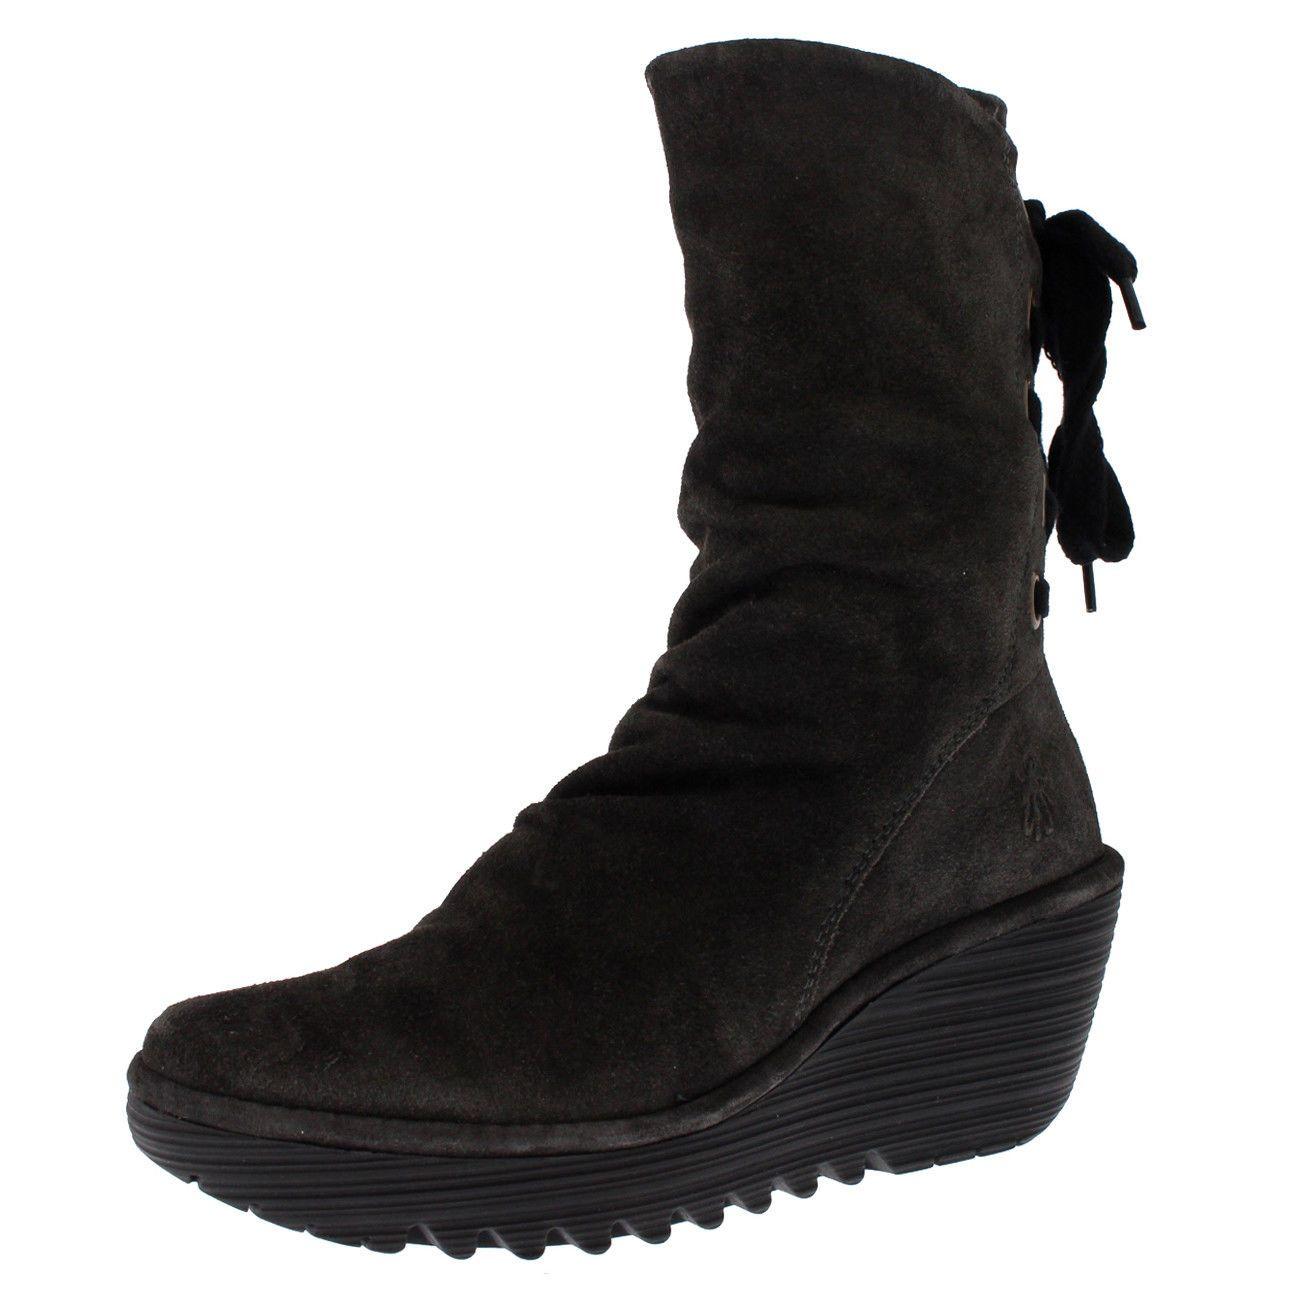 Womens Yada Winter Suede Wedge Heels Diesel Mid Calf Boots